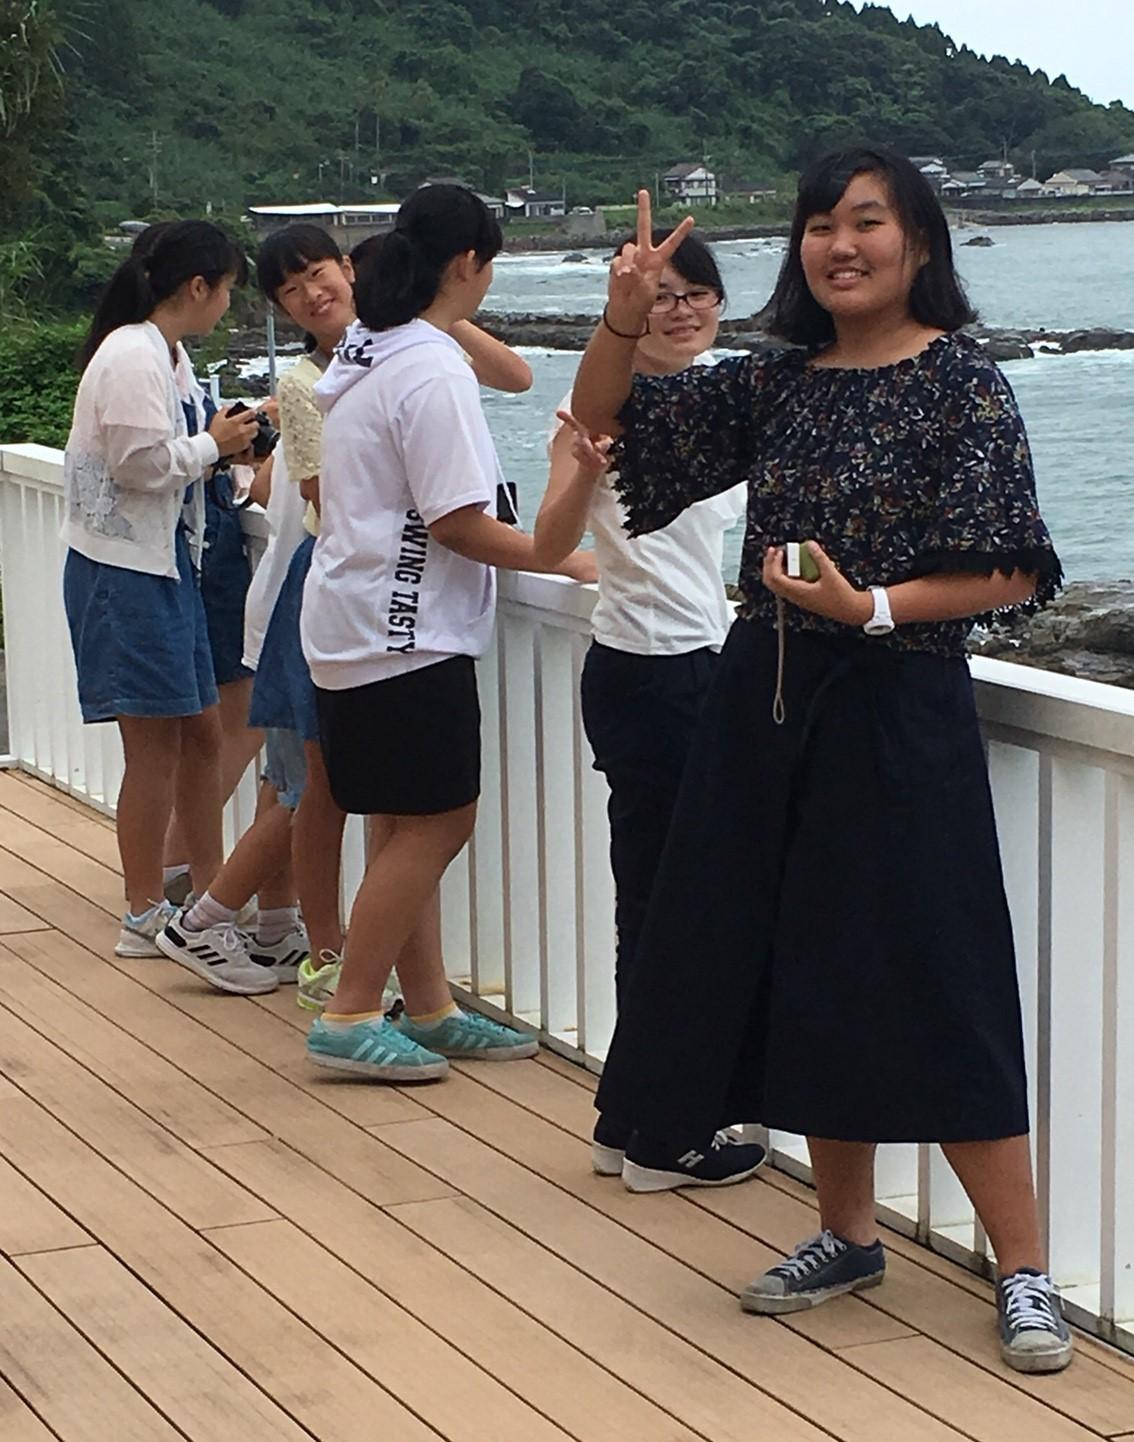 最高の学年による充実の宮崎夏合宿 -合宿1日目の写真-_d0116009_10244841.jpg